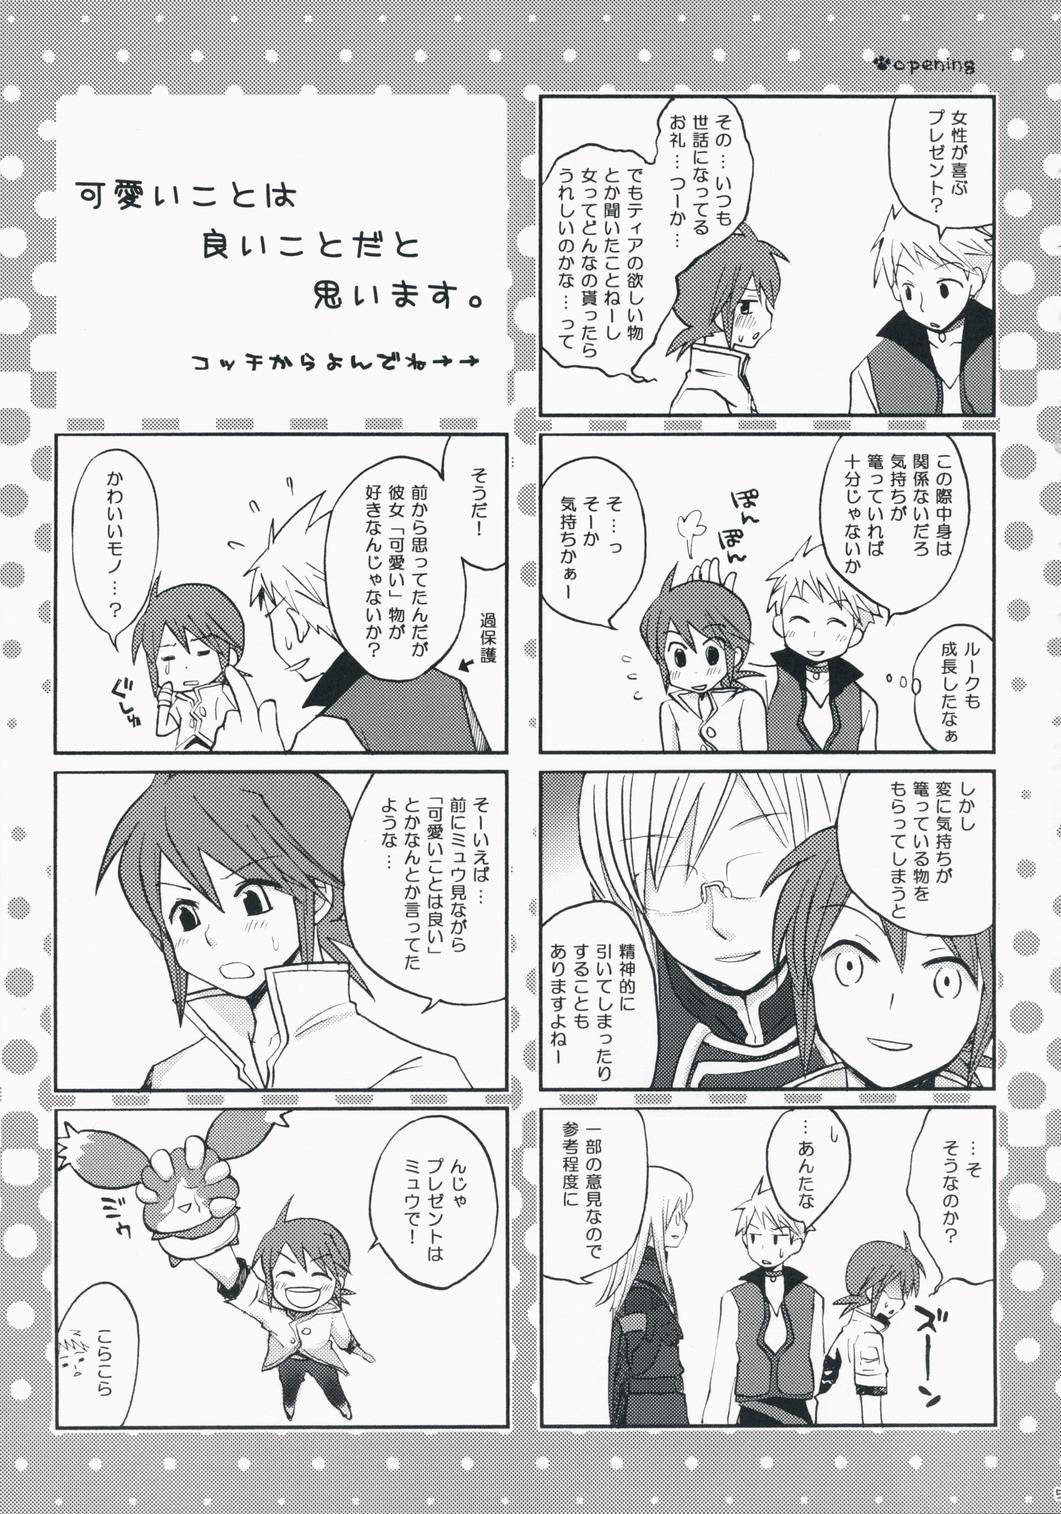 Kawaii Kotoha Yoikoto Dato Omoi Masu 3